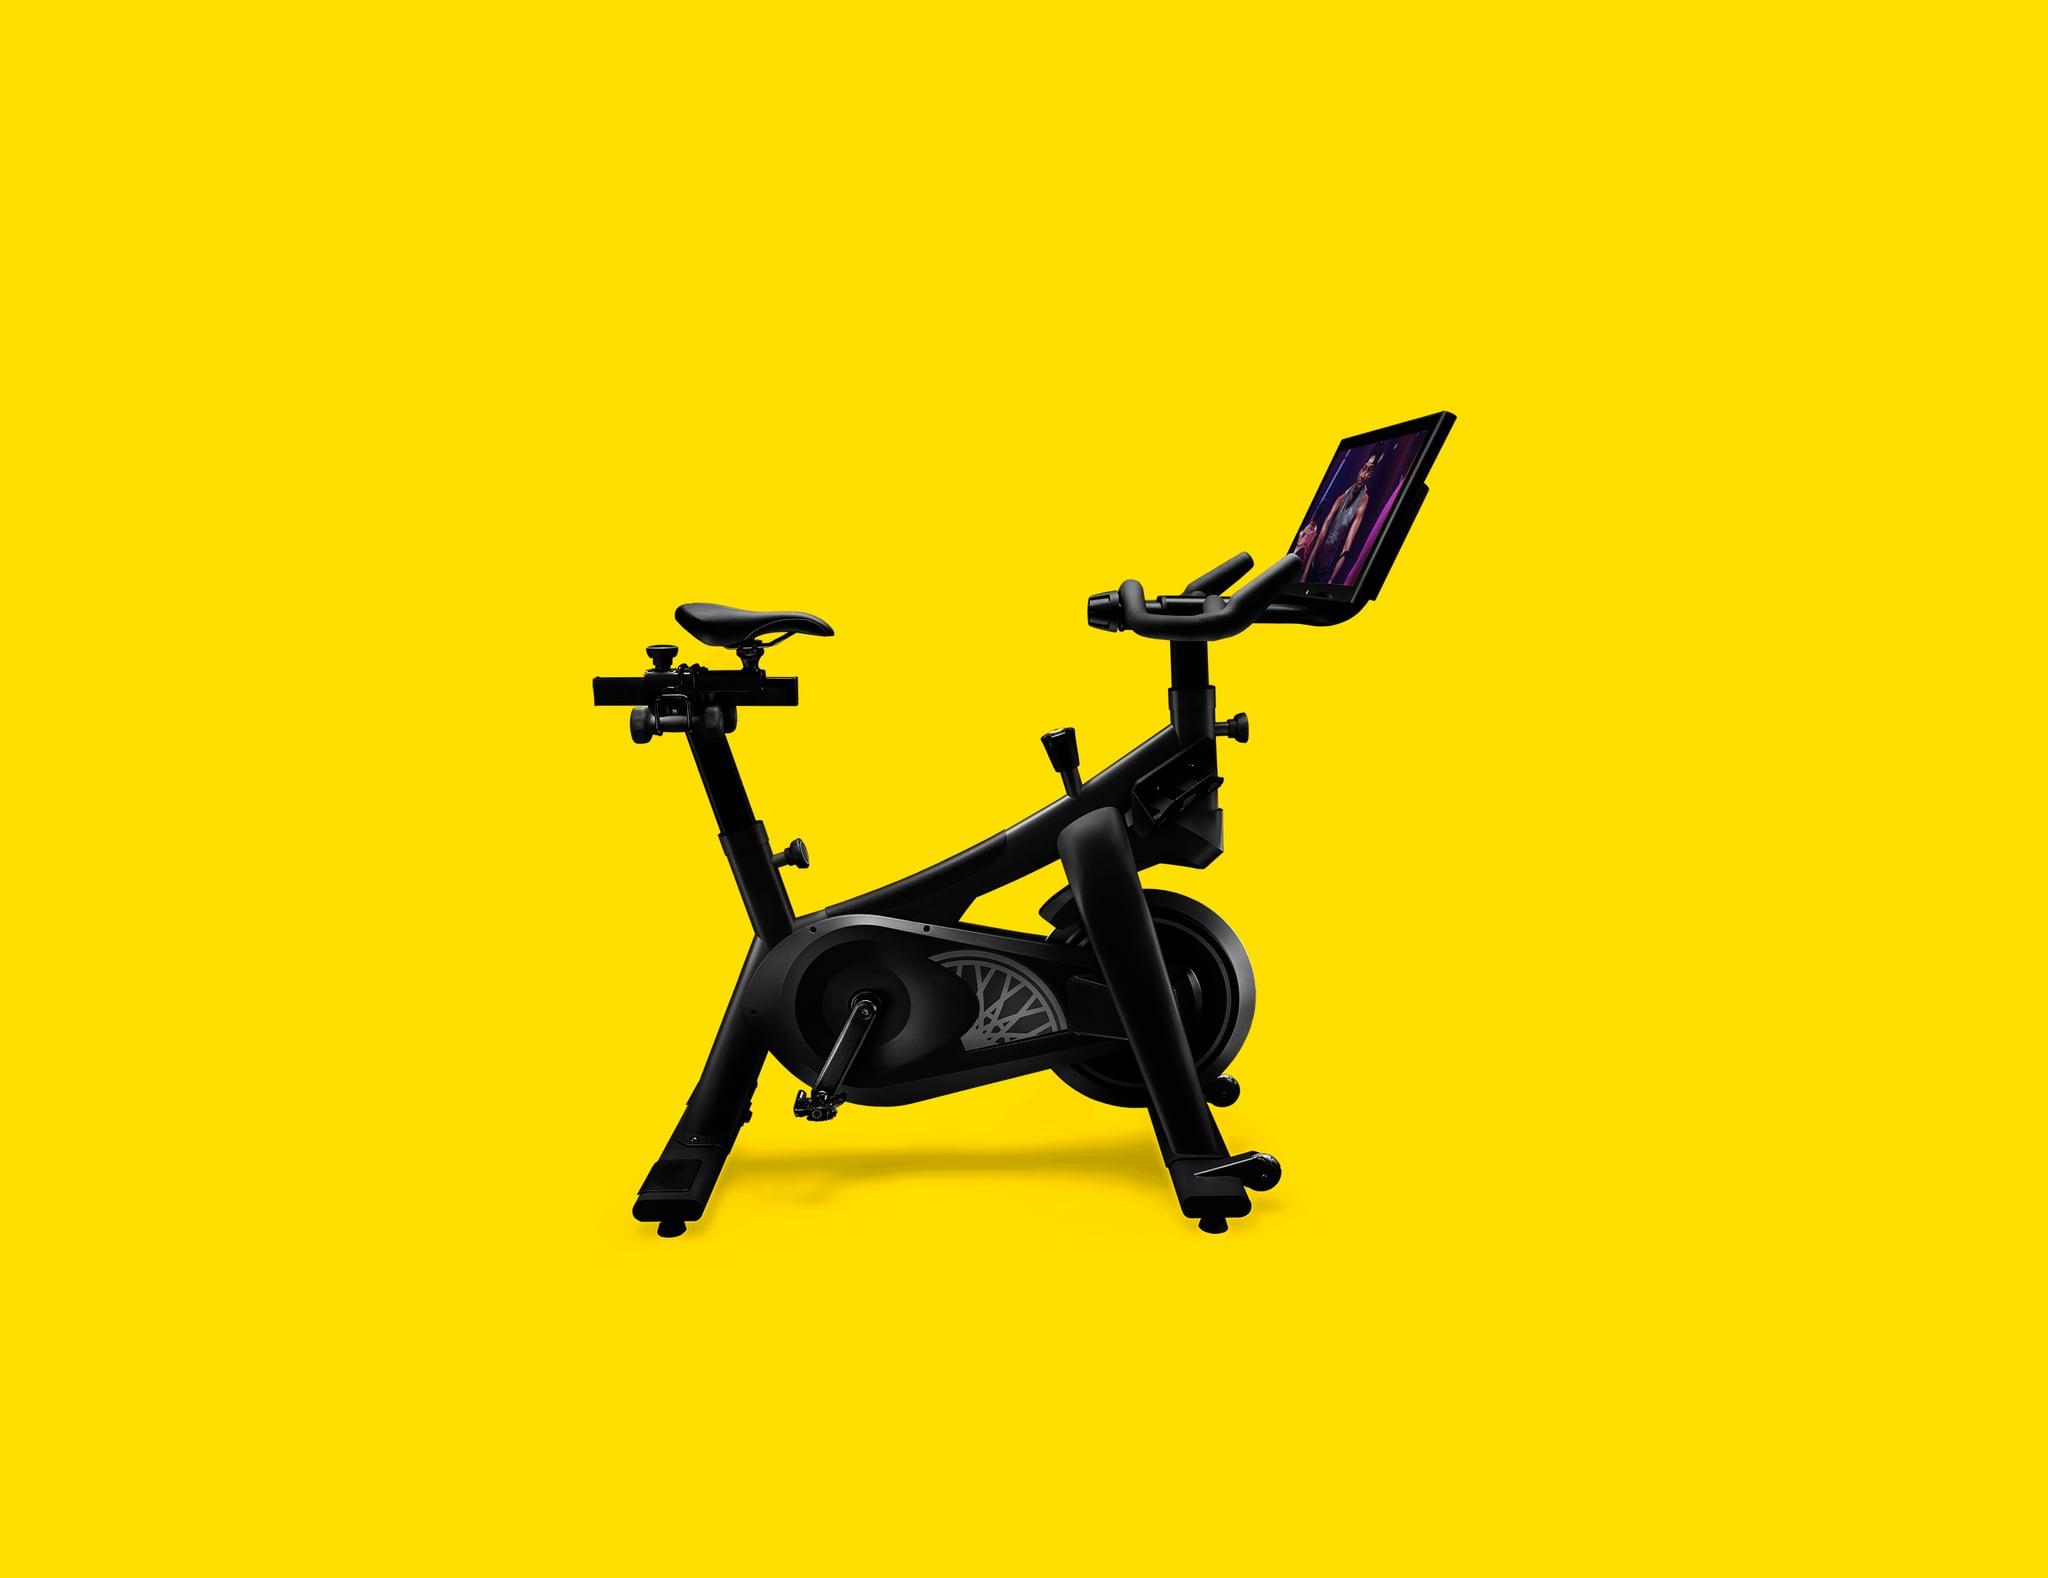 tmp_I34xBm_eb004ec219cf8eef_Bike_Full_yellow.png